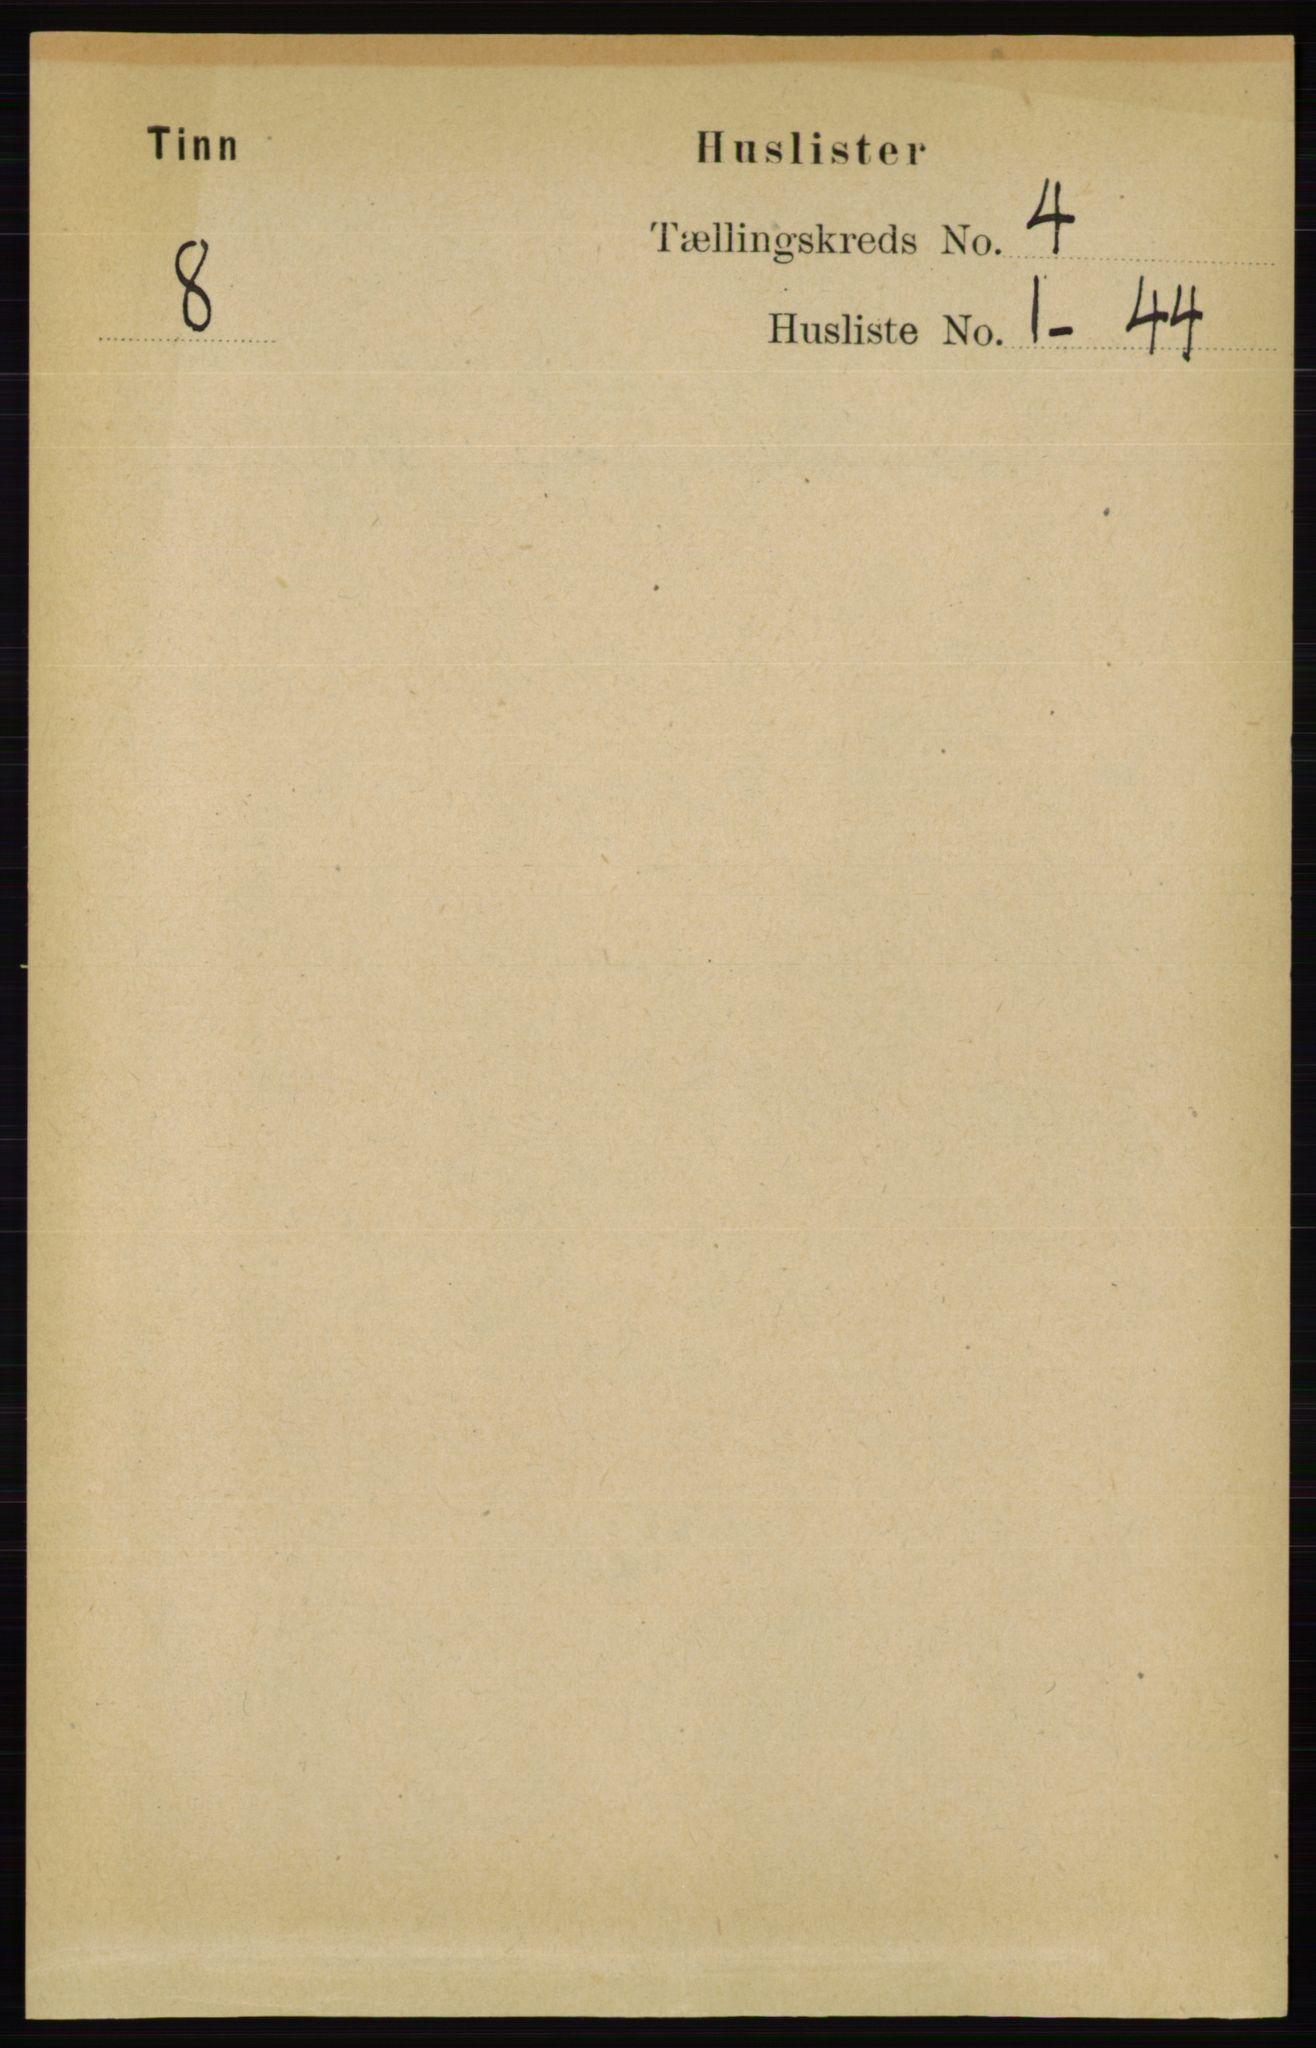 RA, Folketelling 1891 for 0826 Tinn herred, 1891, s. 677